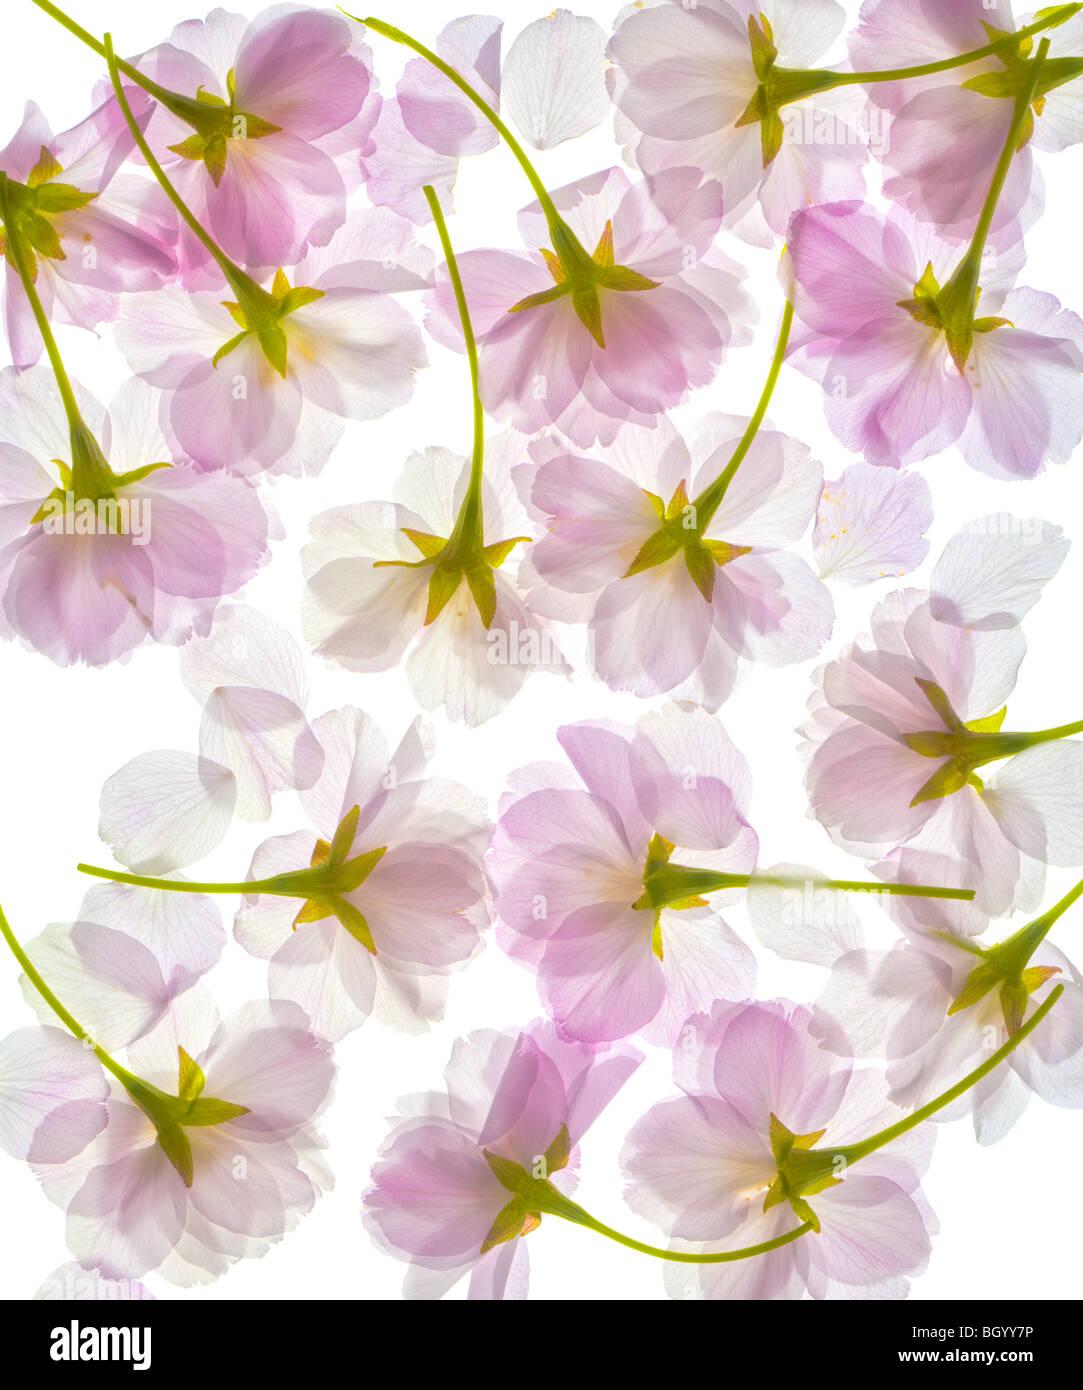 Traslucido completamente la fioritura dei ciliegi, fiori, petali di fiori. Pattern isolato su uno sfondo bianco. Immagini Stock